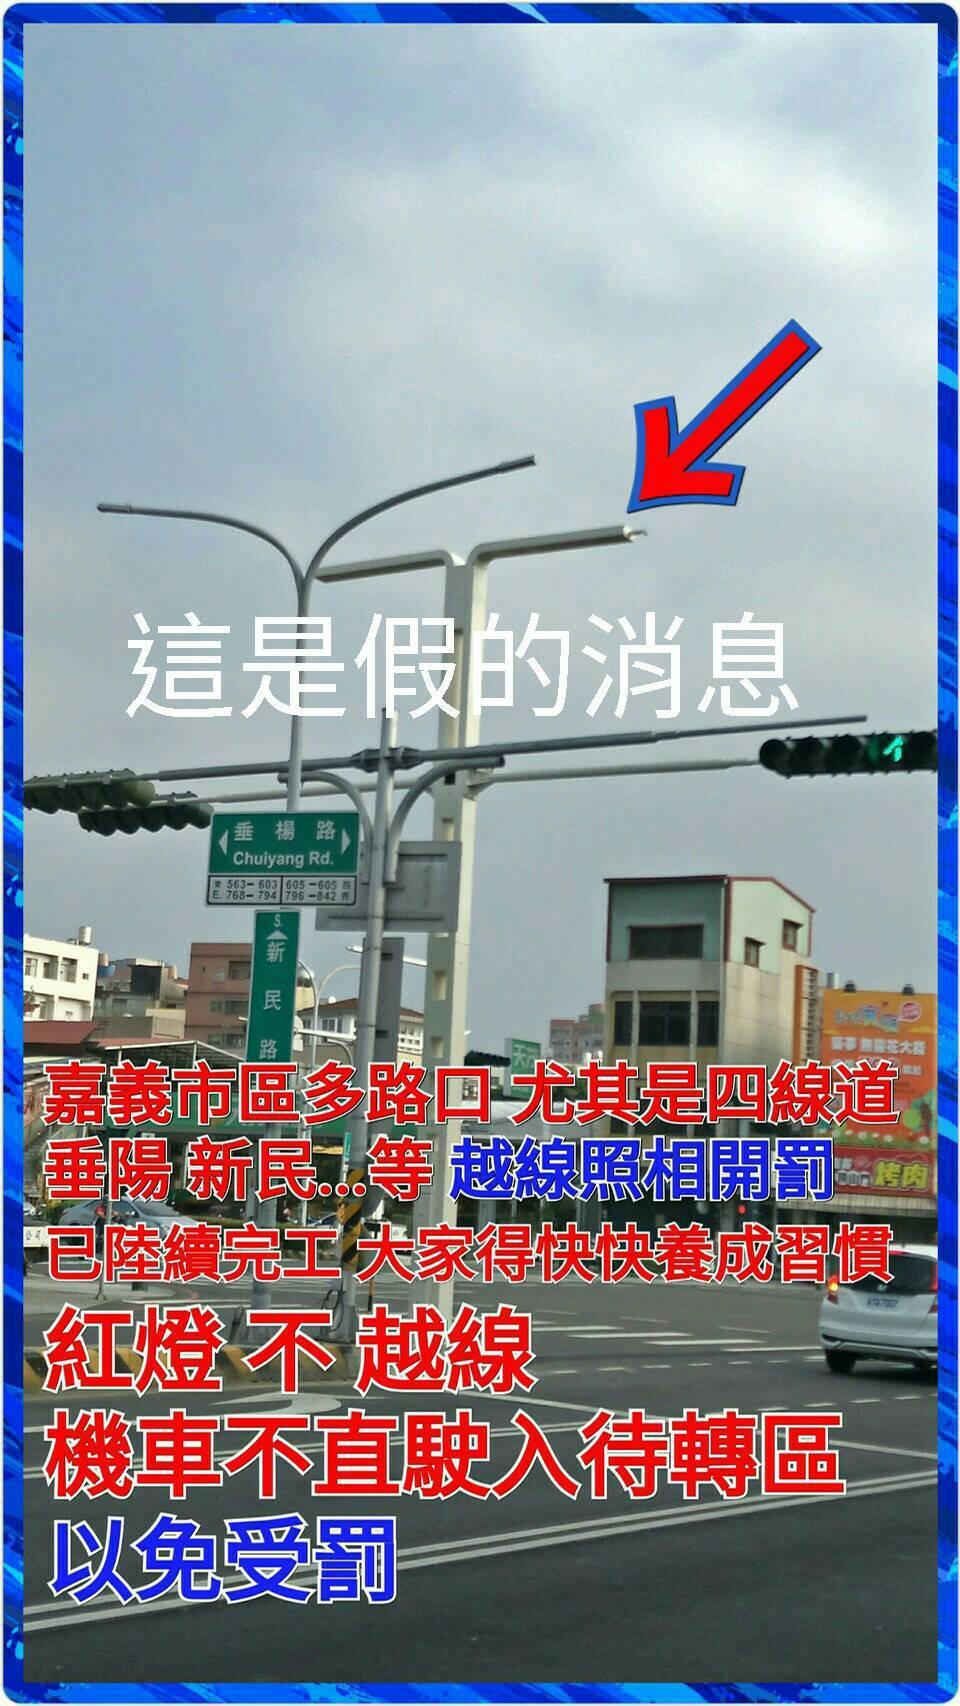 嘉義市政府陸續在各大路口設置共桿,卻被網友誤傳有越線照相功能。圖/讀者提供